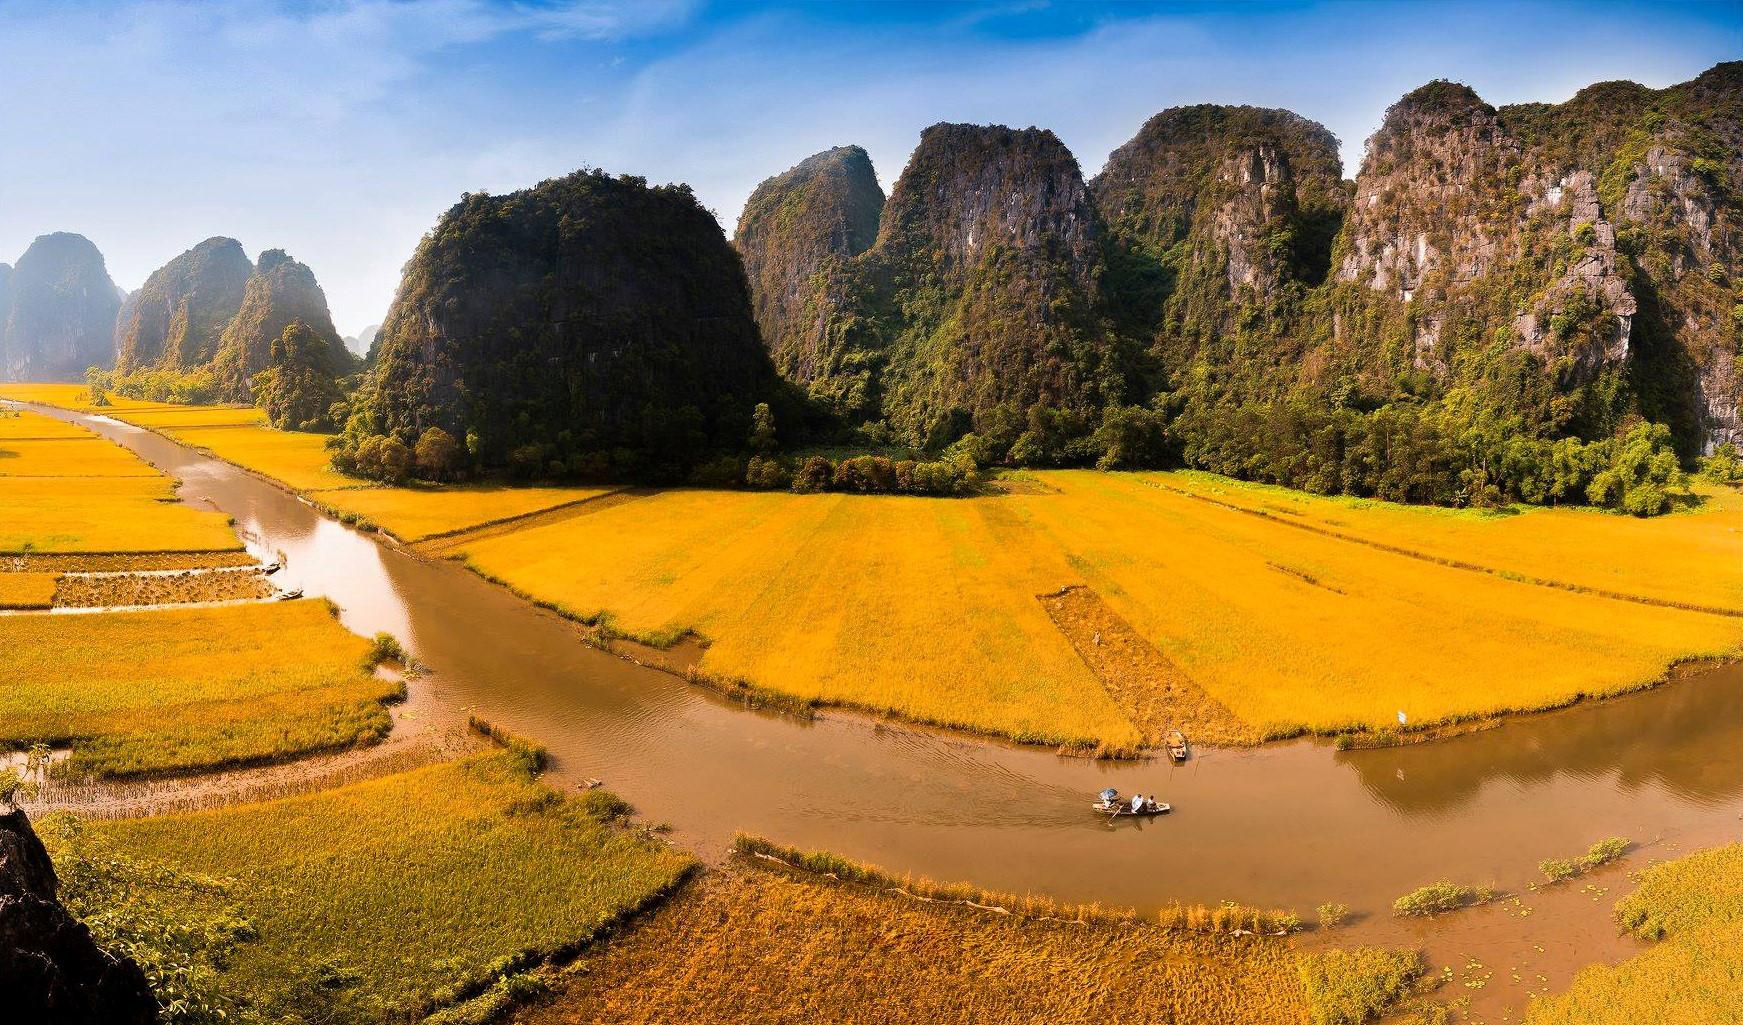 Cánh đồng lúa chín vàng đẹp